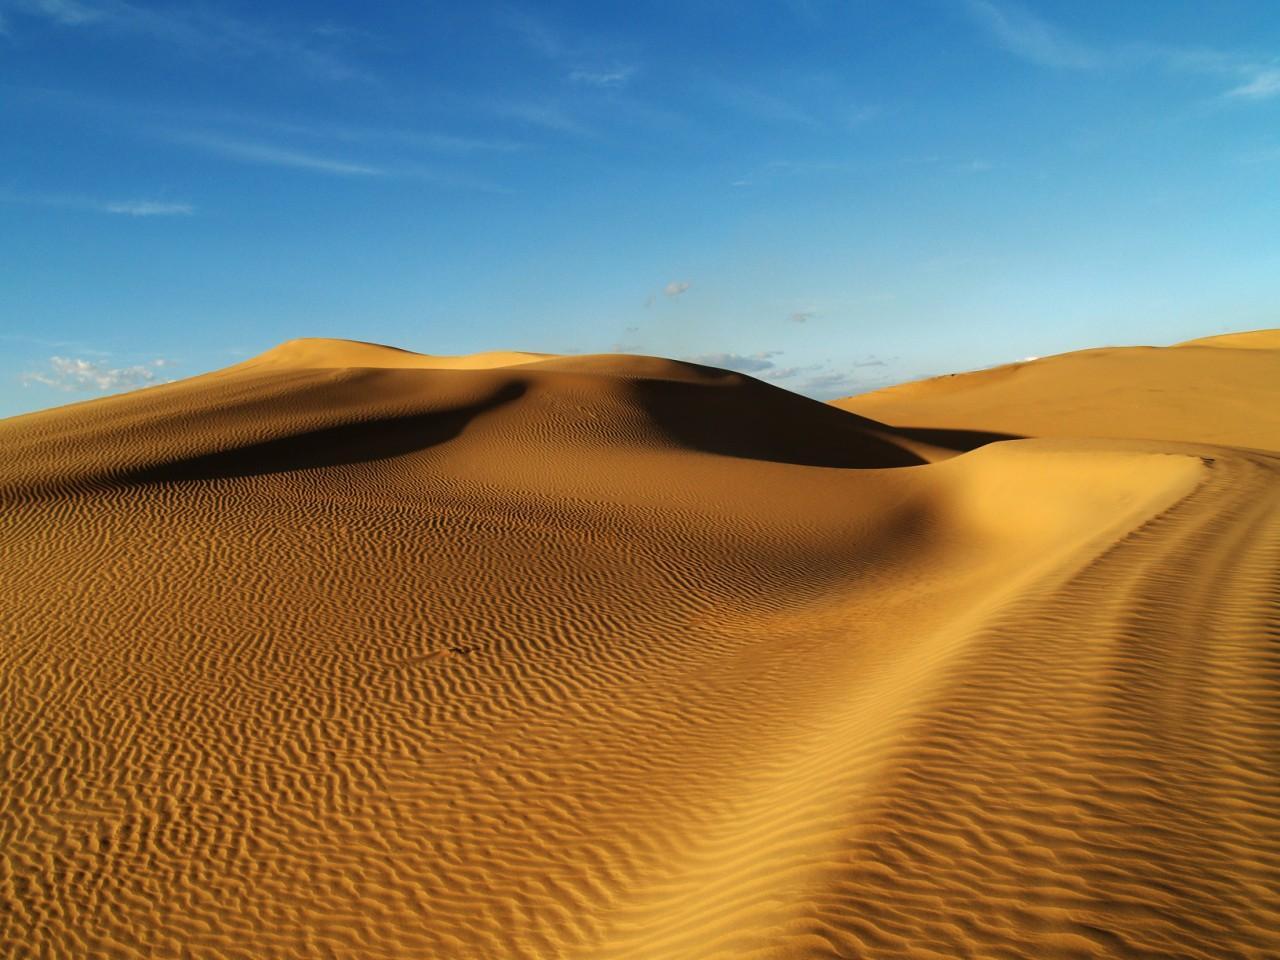 库布其沙漠徒步穿越